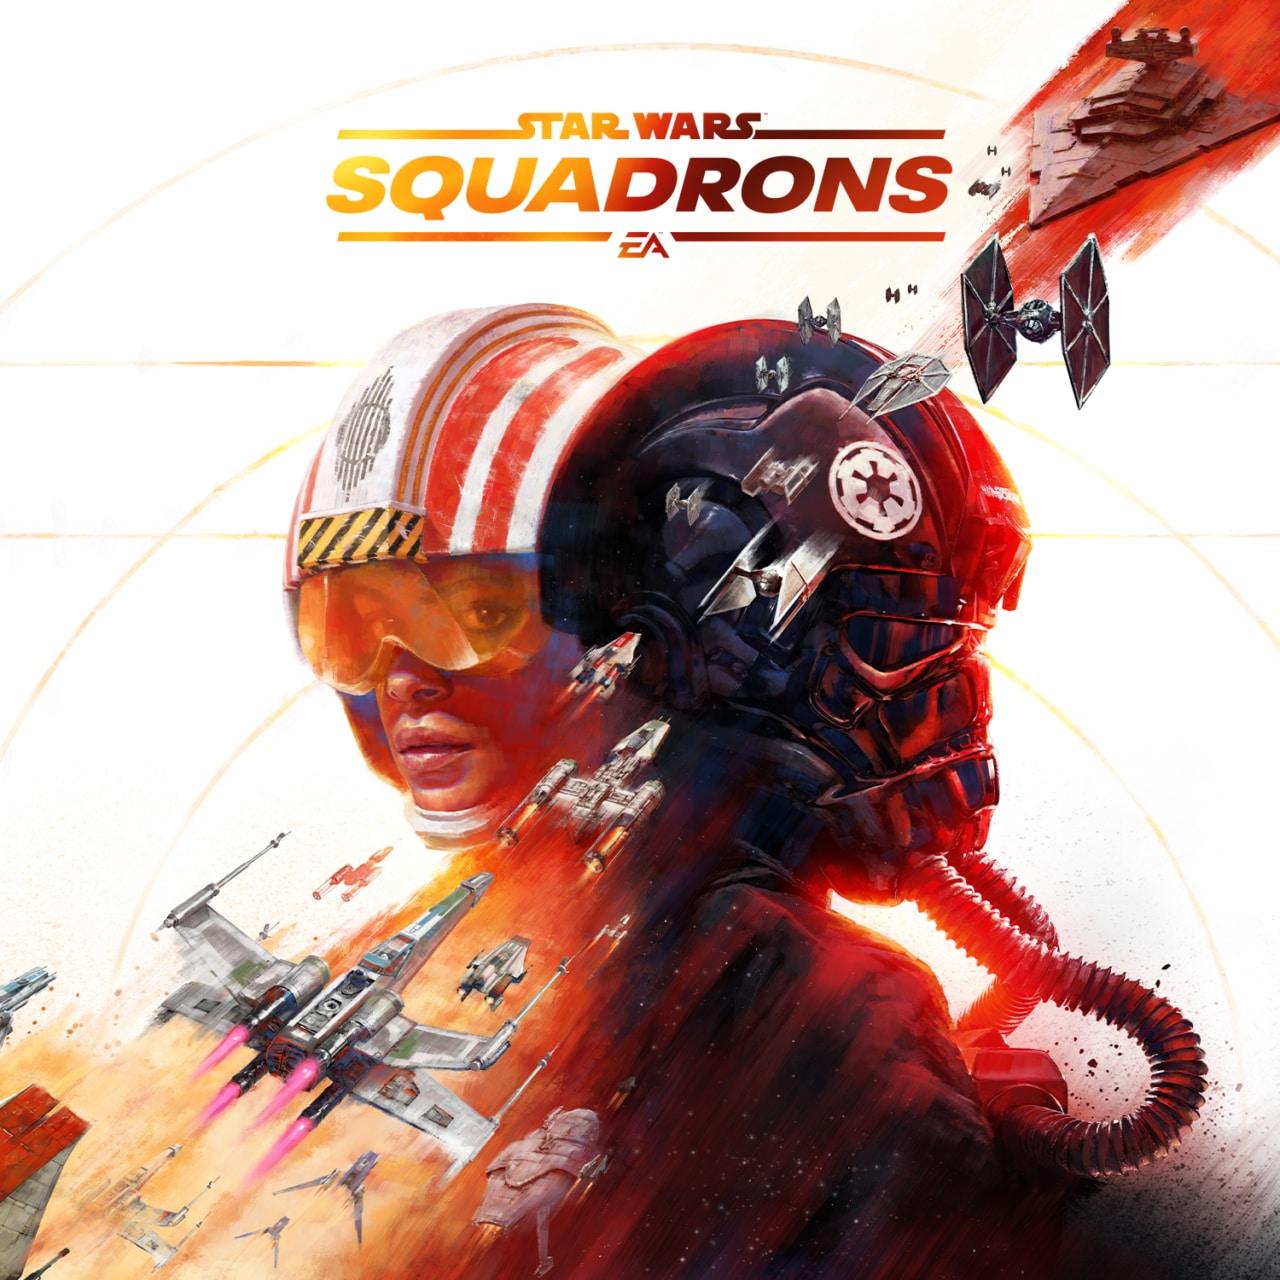 EA rompe gli indugi: il 15 giugno sarà svelato ufficialmente il nuovo Star Wars: Squadrons